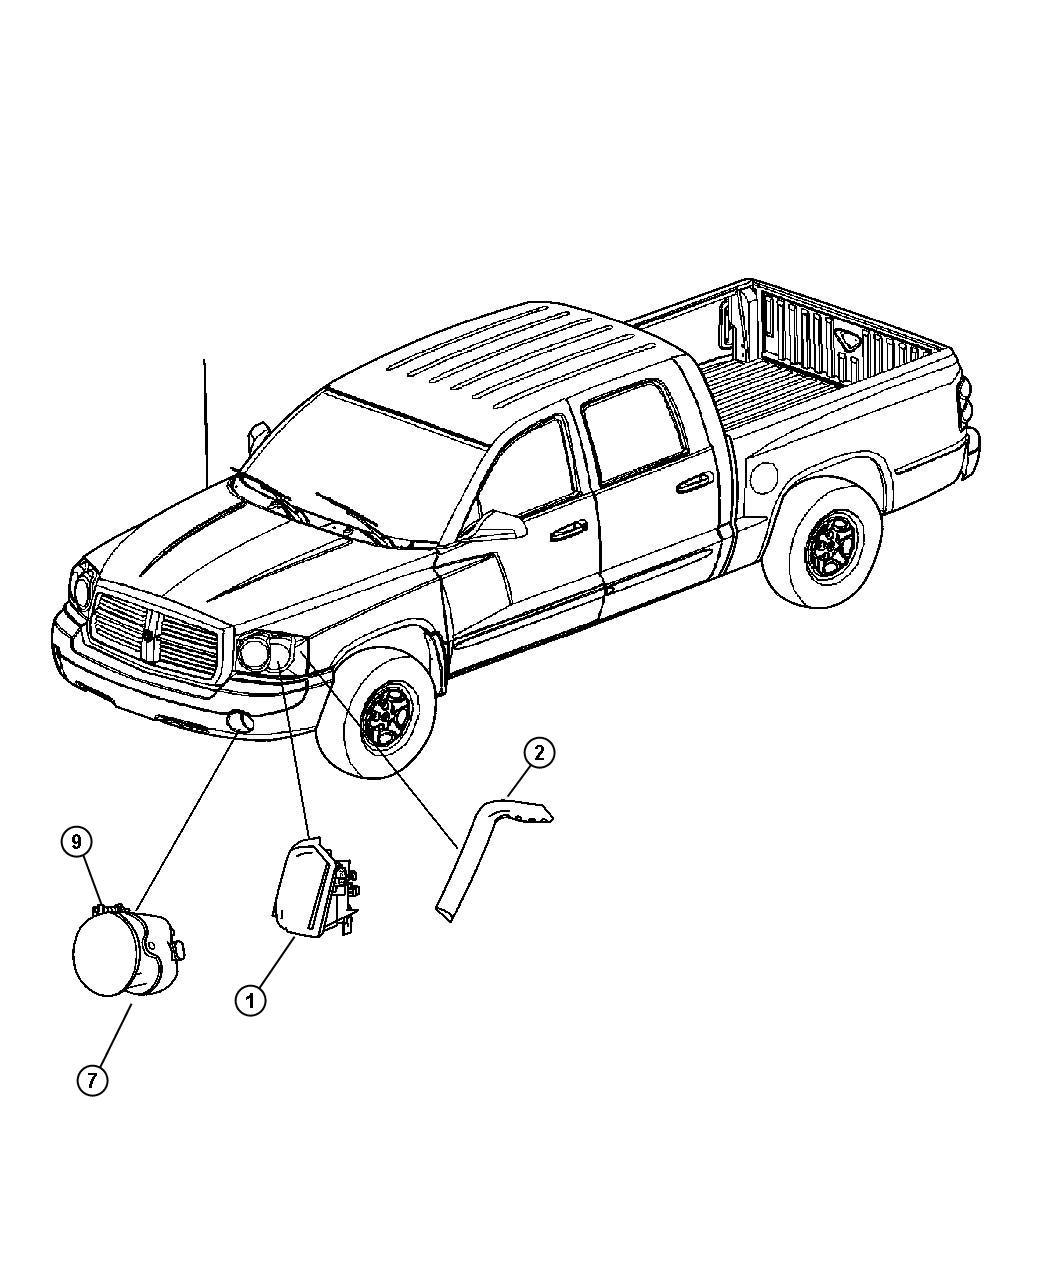 Dodge Dakota Slt Quad Cab 4 7l V8 A T 4x4 Lamp Used